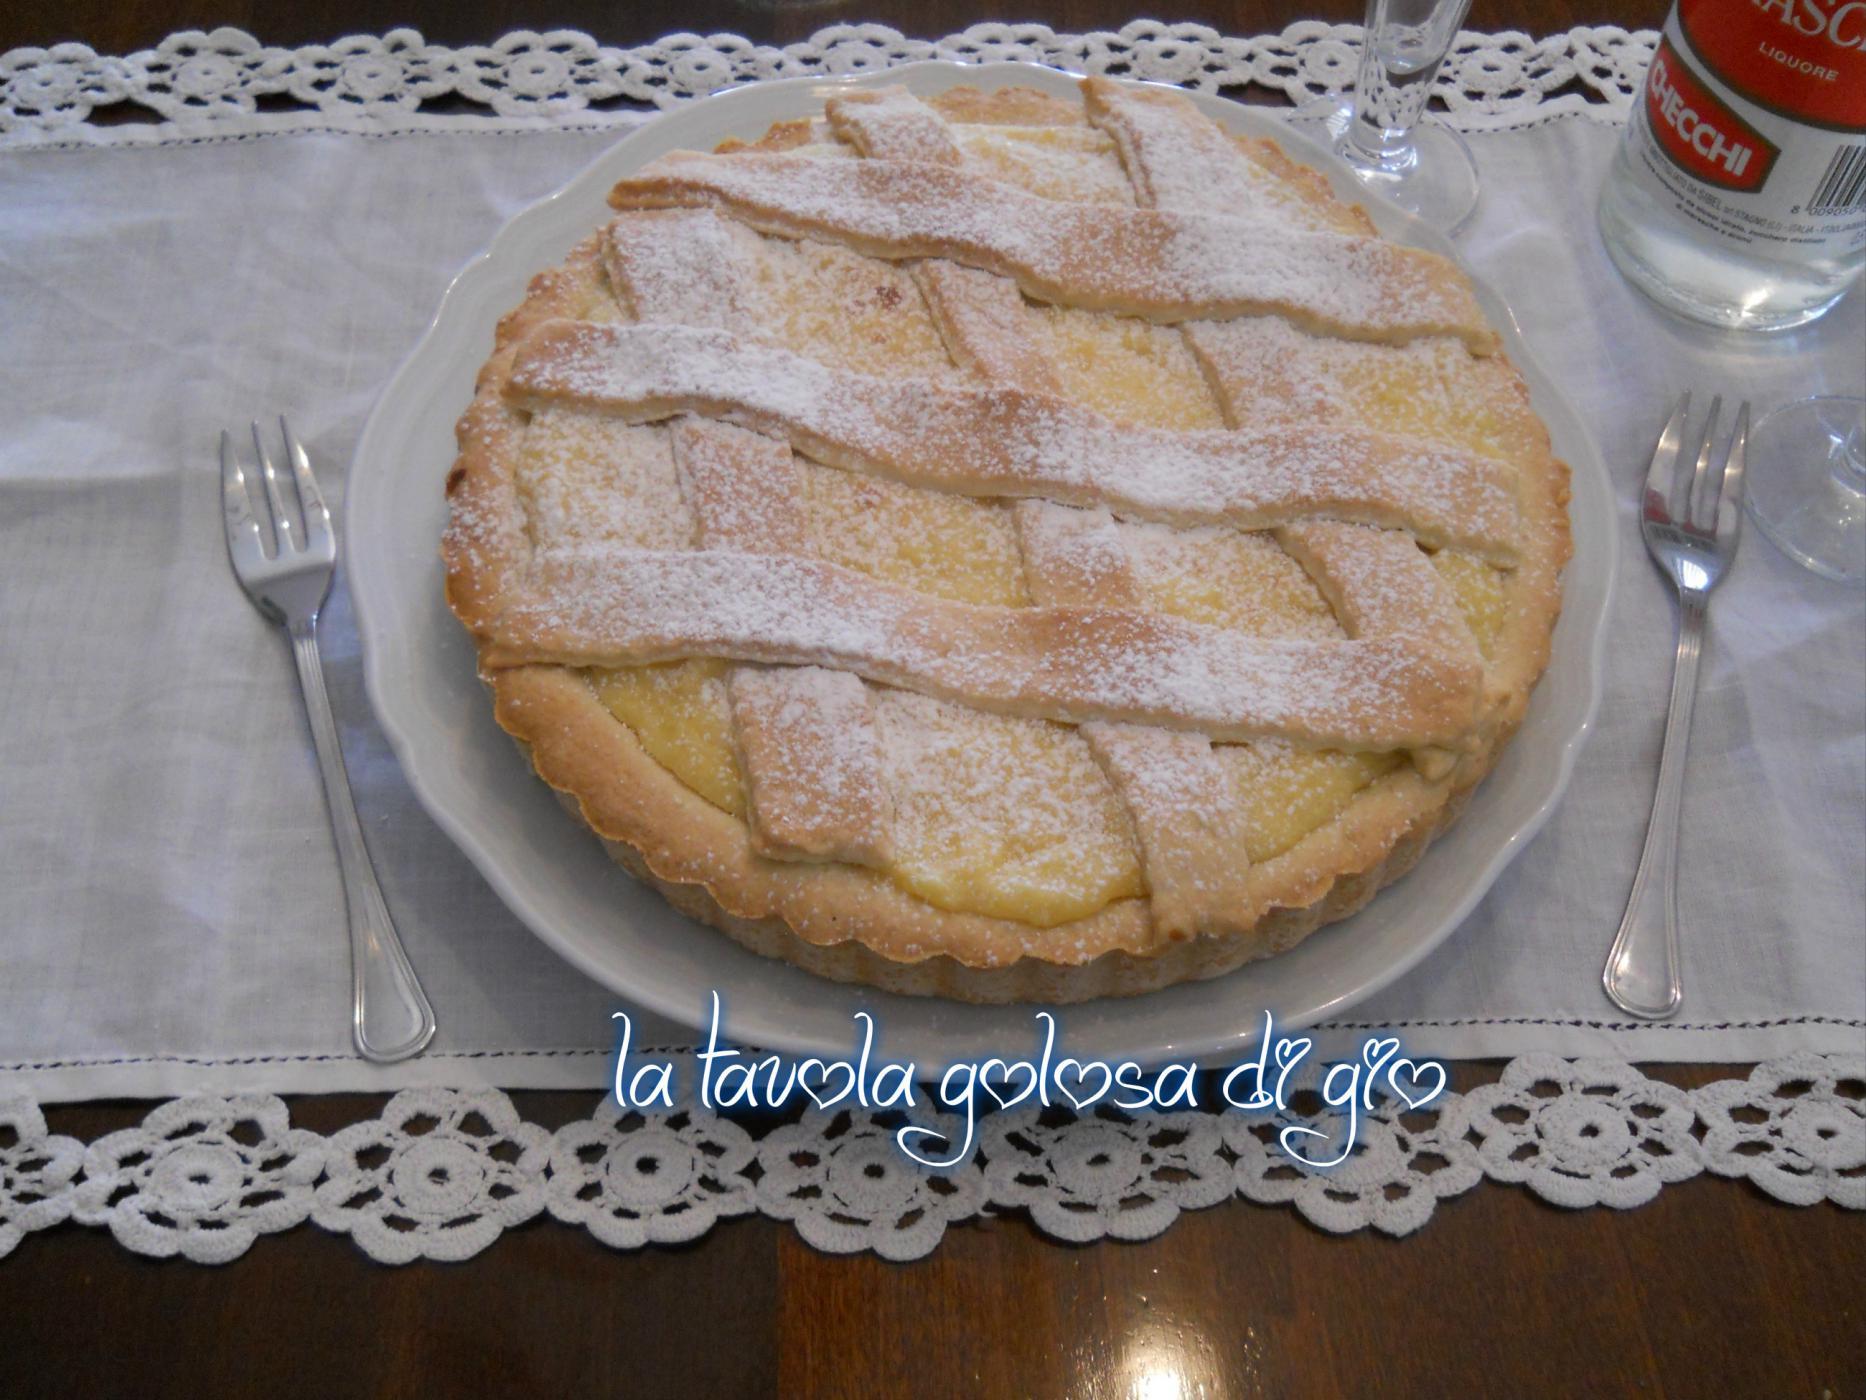 Crostata soffice con crema pasticcera | La tavola golosa di Giò